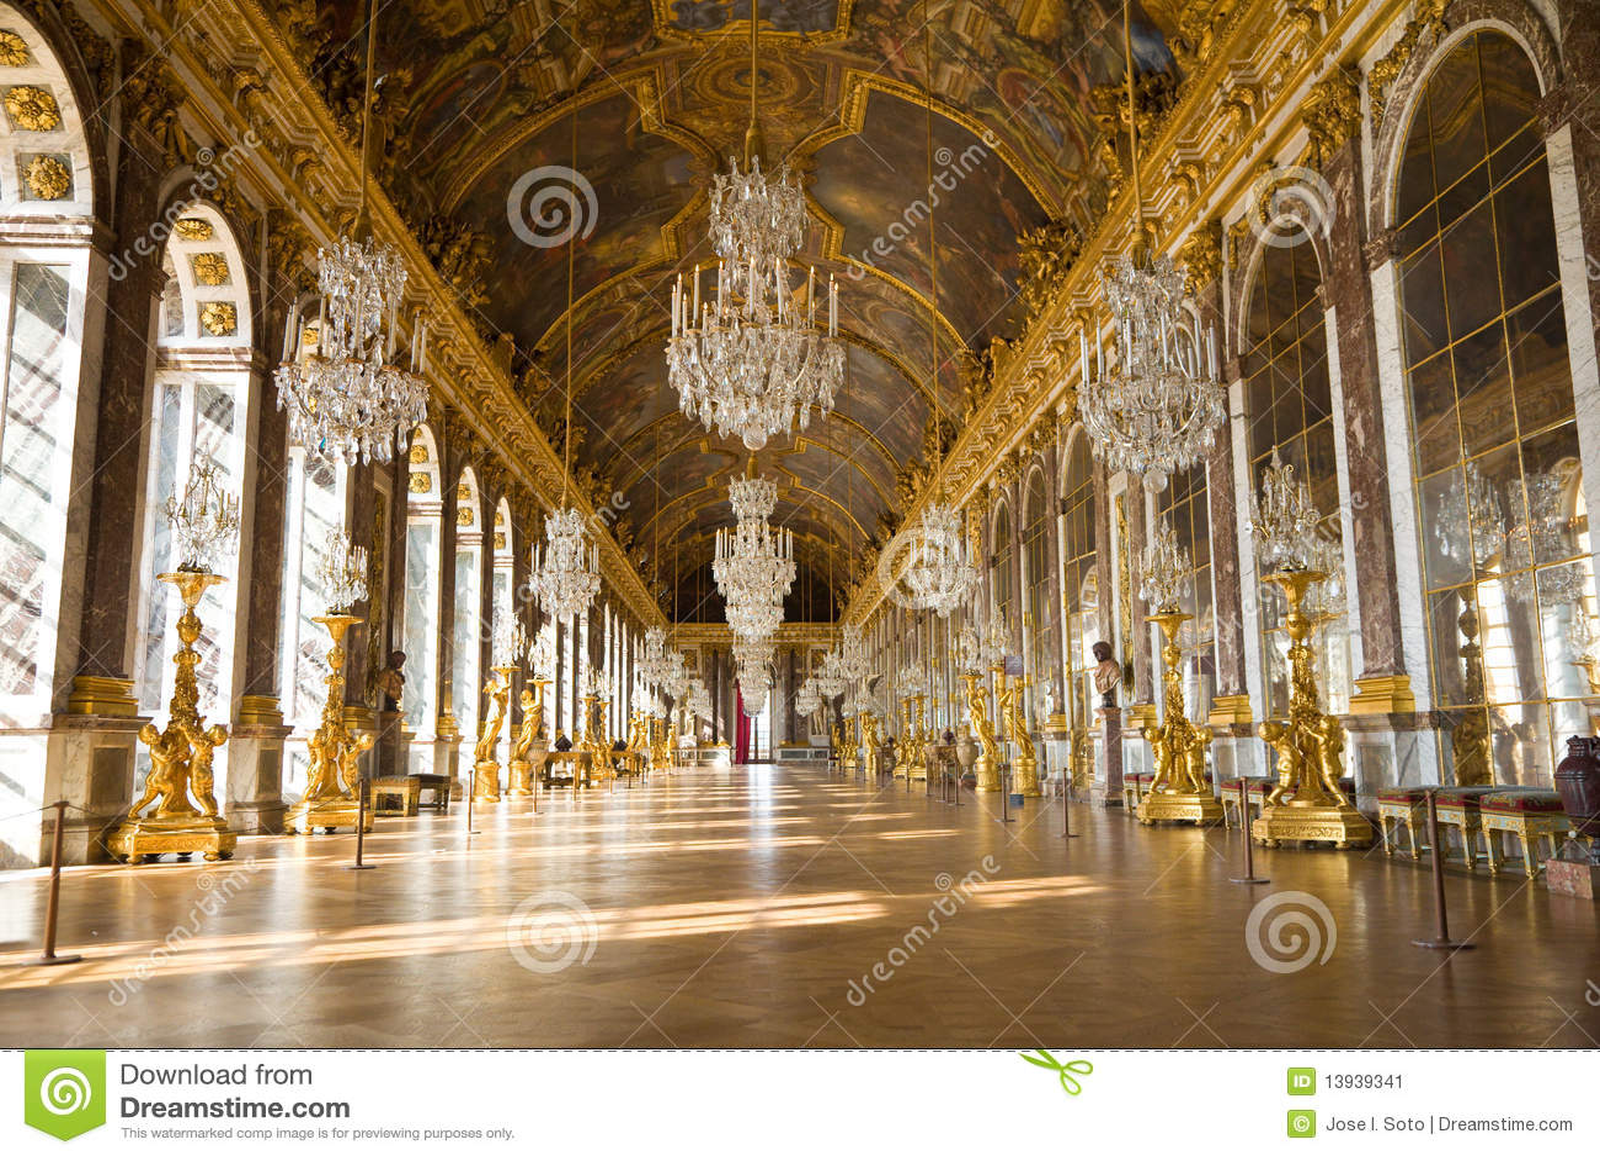 Real Madrid Wallpaper 3d De Zaal Van De Spiegel Van Versailles Chateau Redactionele